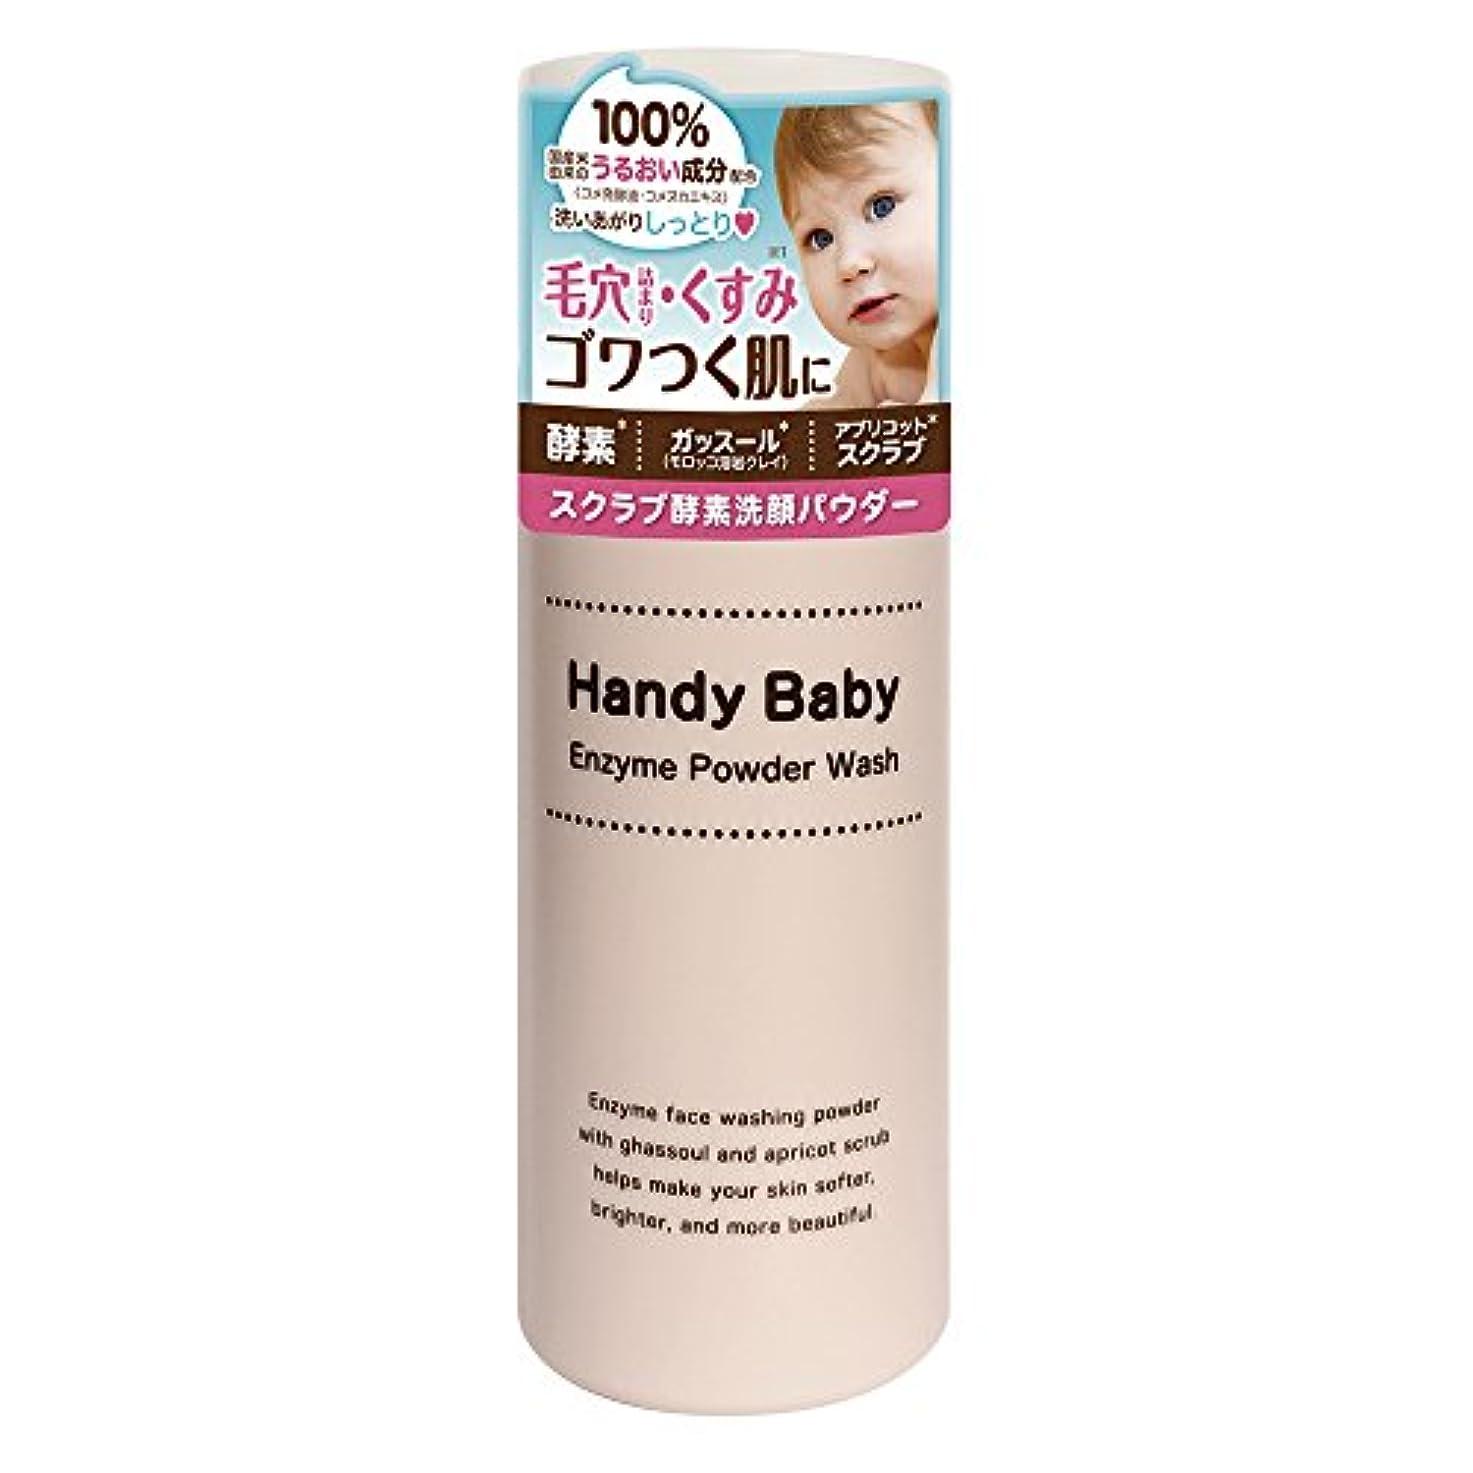 ショップ赤ちゃん上向きハンディベイビー スクラブ酵素洗顔パウダー (50g)